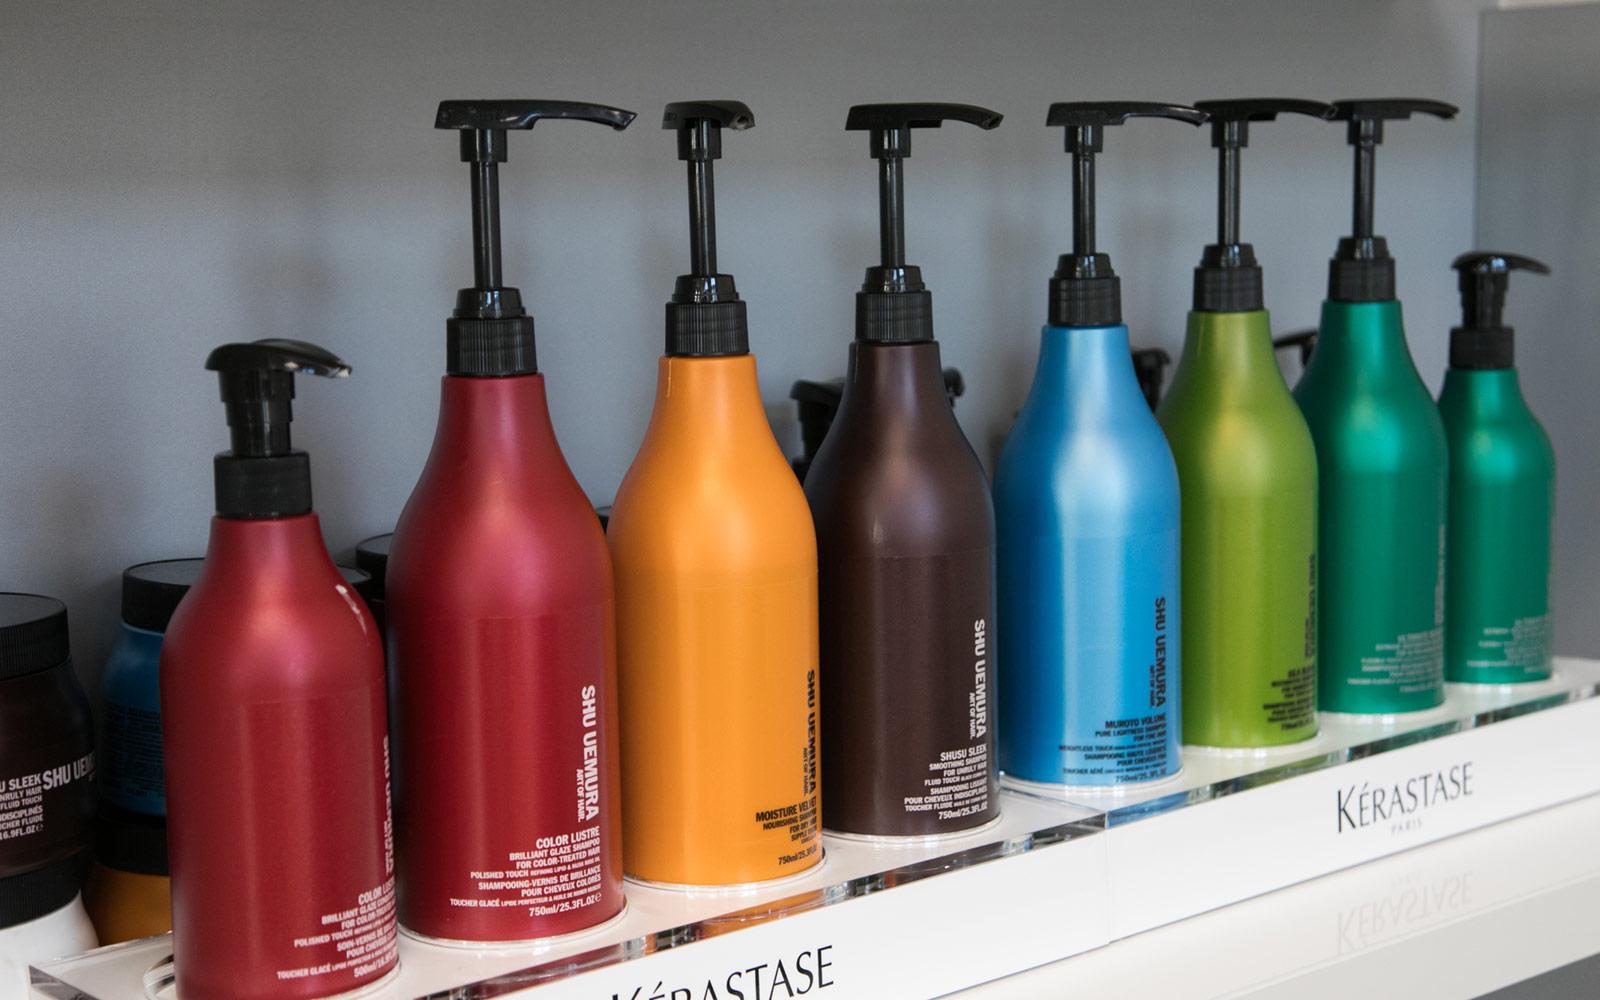 Pumpflaschen in Regenbogenfarben von der Marke Shu Uemura.